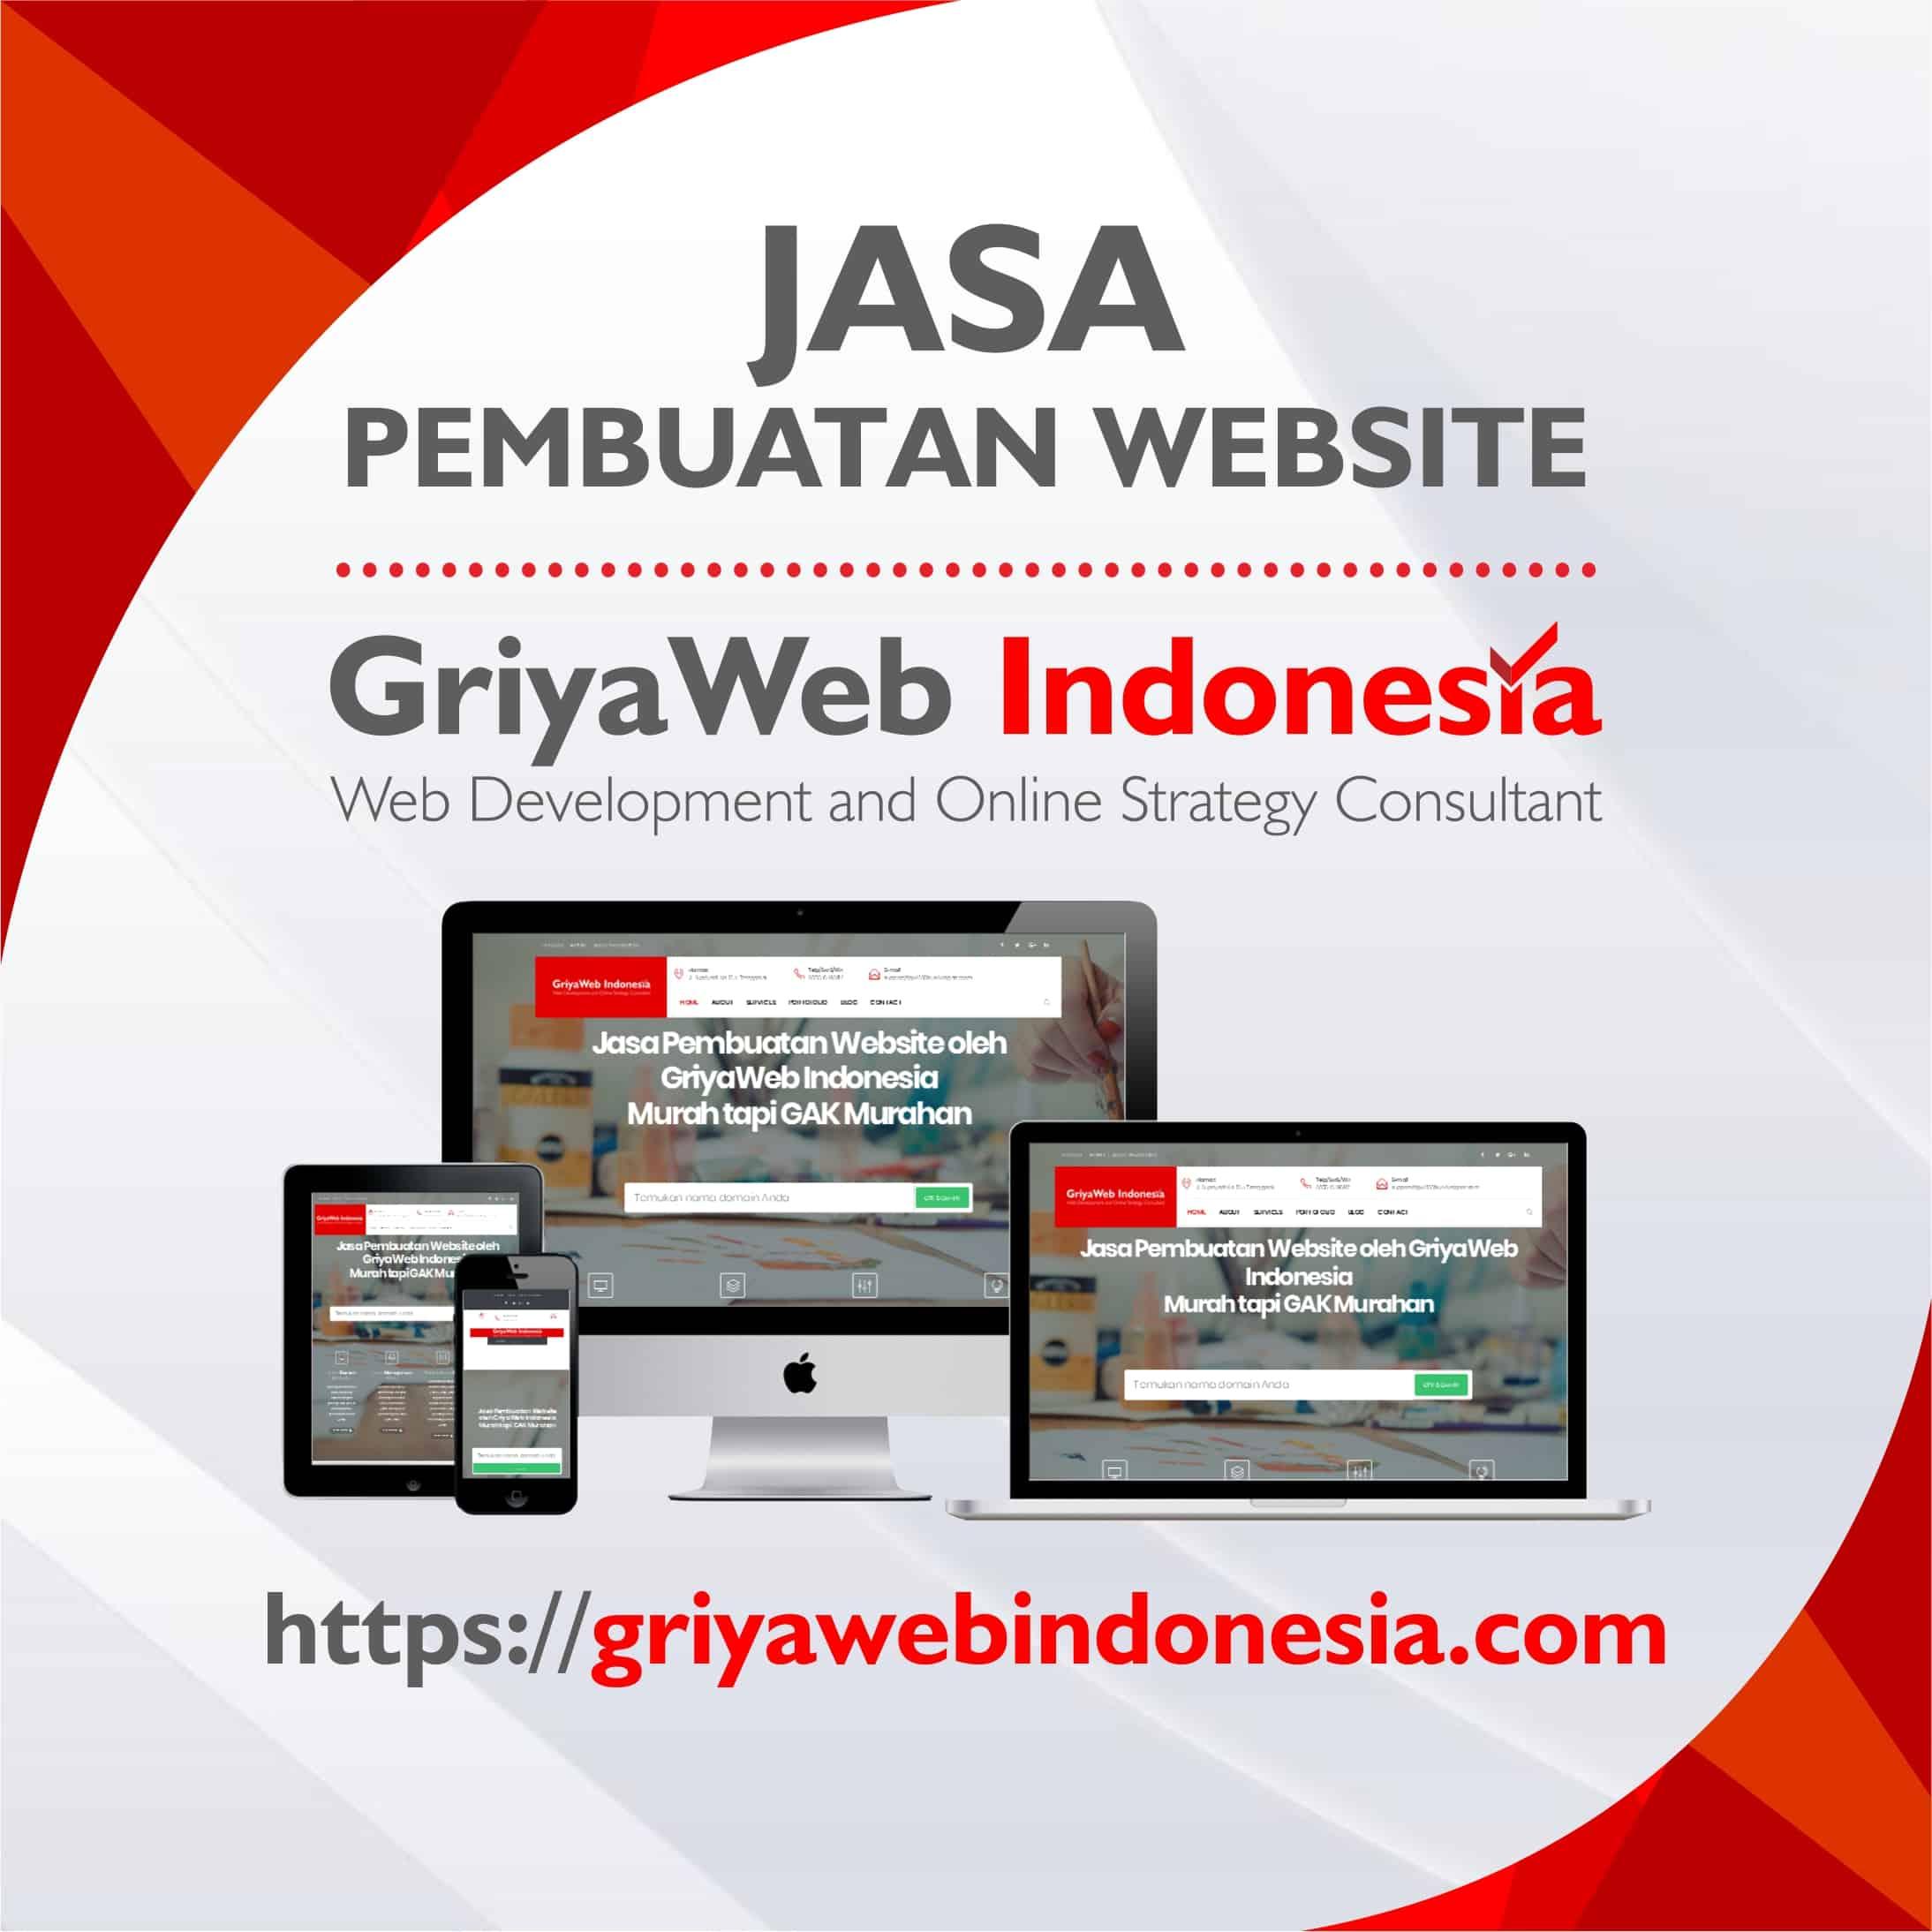 griyaweb indonesia jasa pembuatan website toko online dan website perusahaan